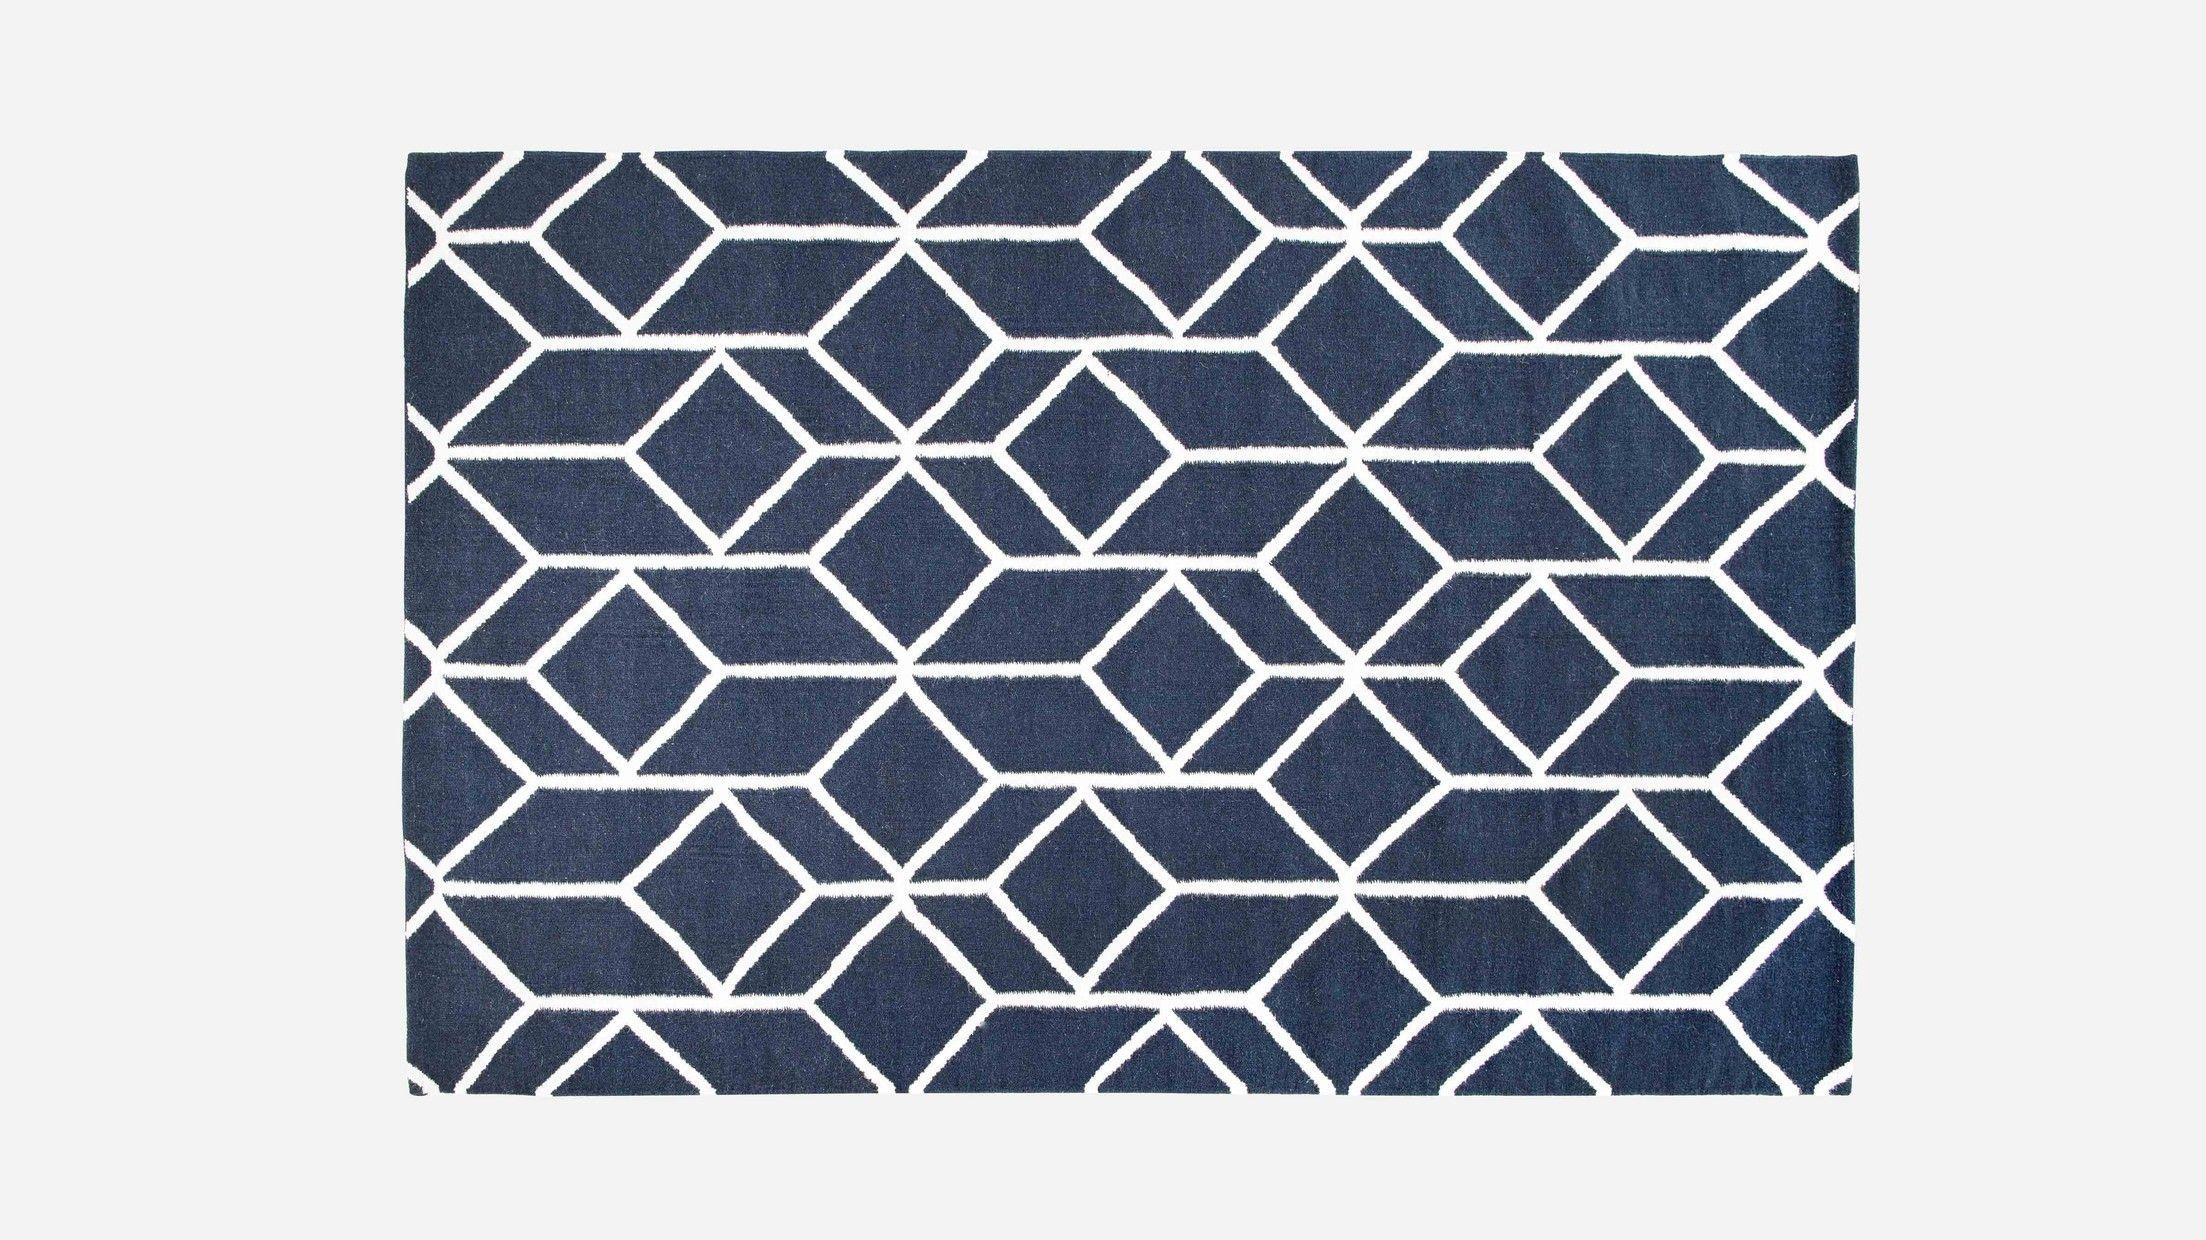 Geo Outline Rug Navy Geometric Rug Navy Blue And White Rugs Geometric Rug Navy Rug